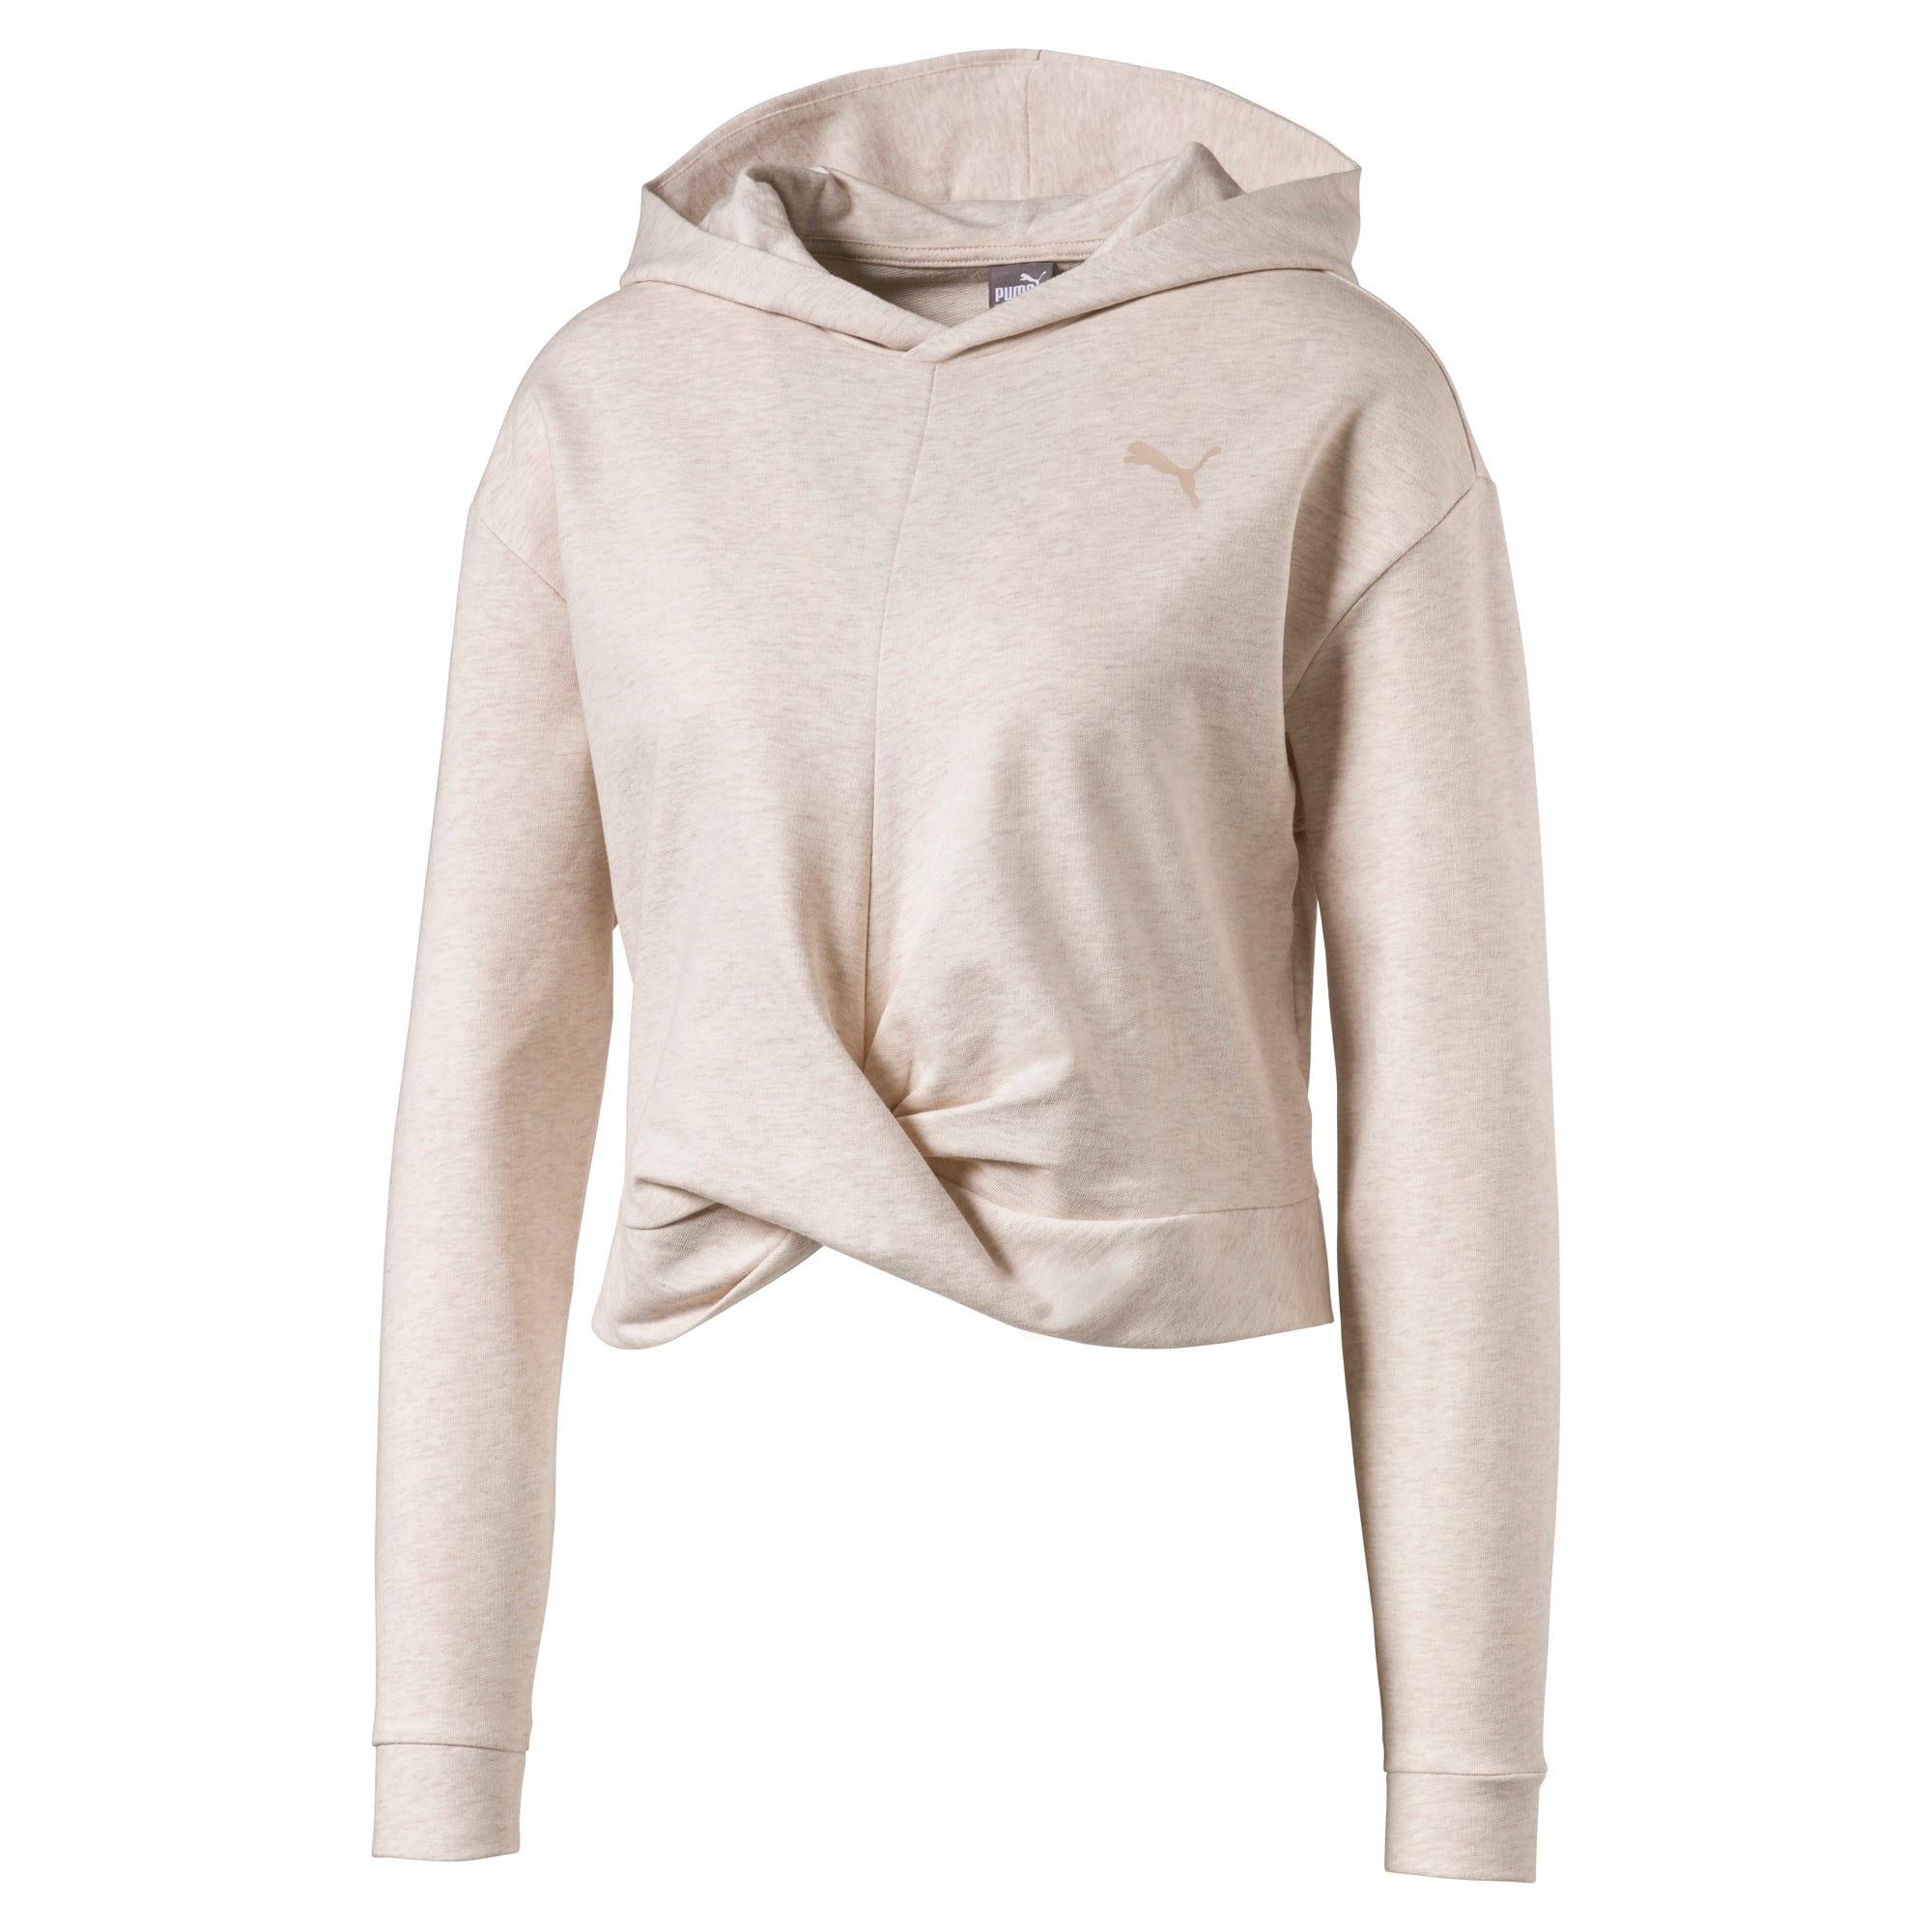 Thumbnail 1 of Draypey hoodie voor dames, Oatmeal, medium